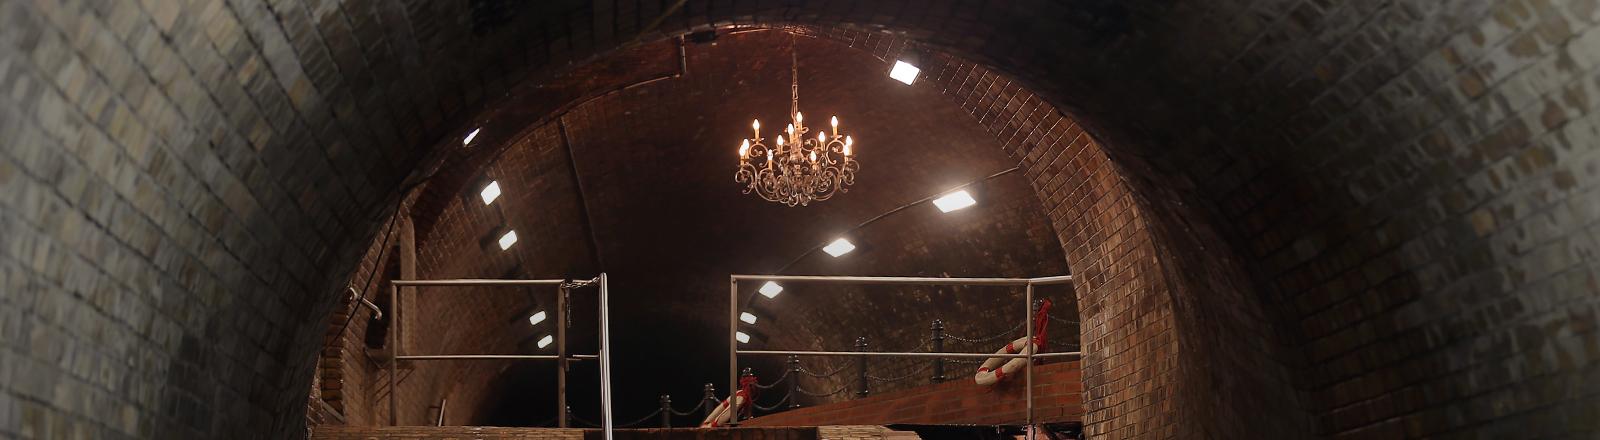 Der Kronleuchtersaal in der Kölner Kanalisation